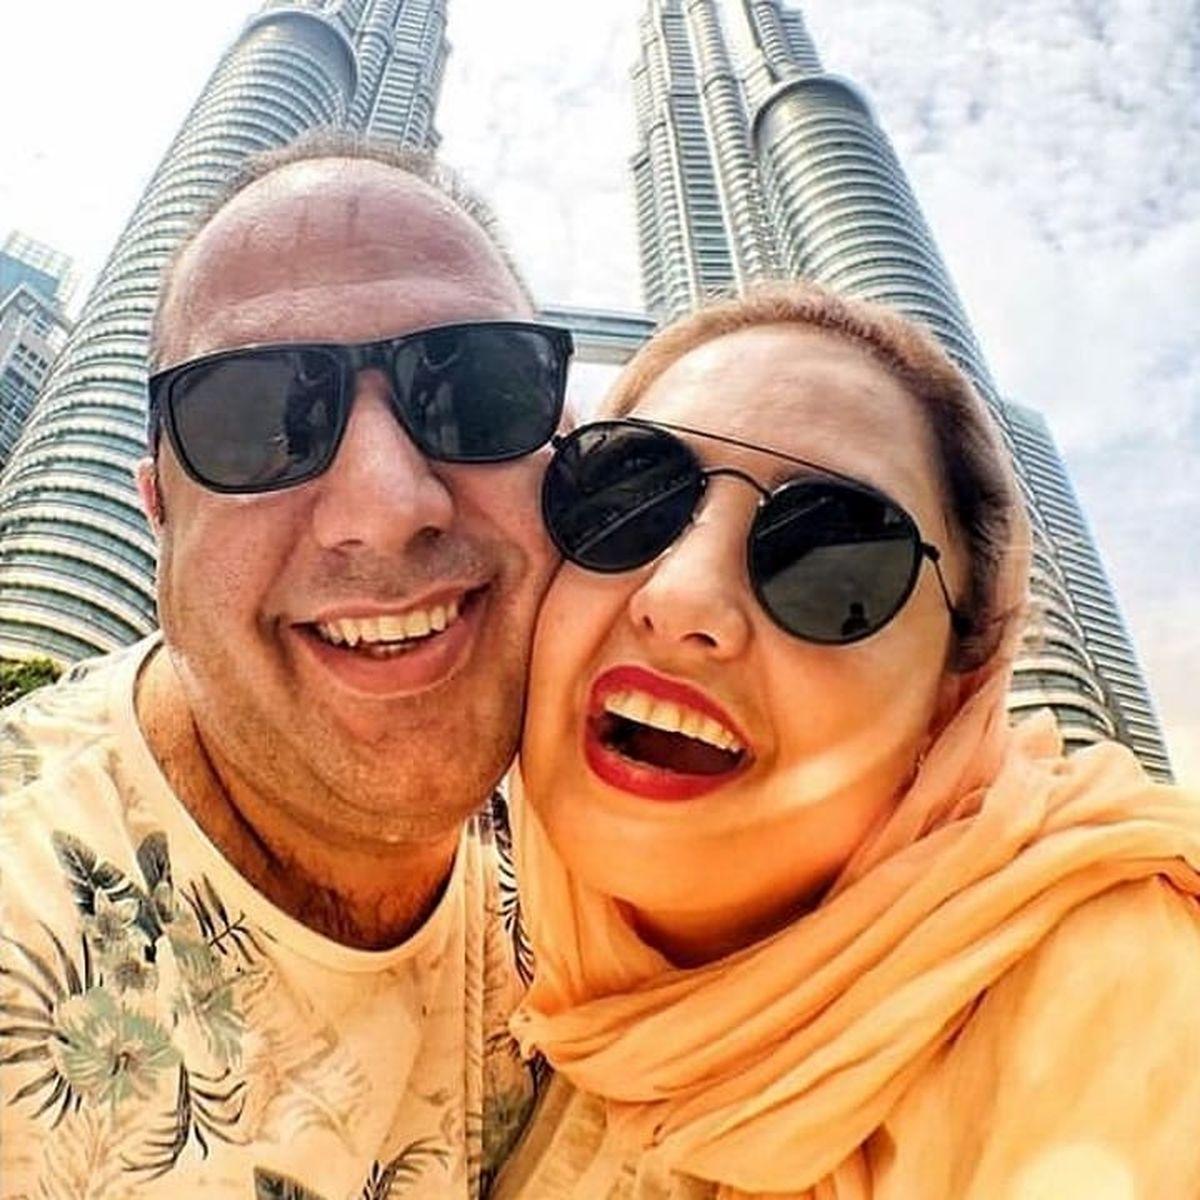 عشق و عاشقی نرگس محمدی و علی اوجی روی کشتی تفریحی + فیلم